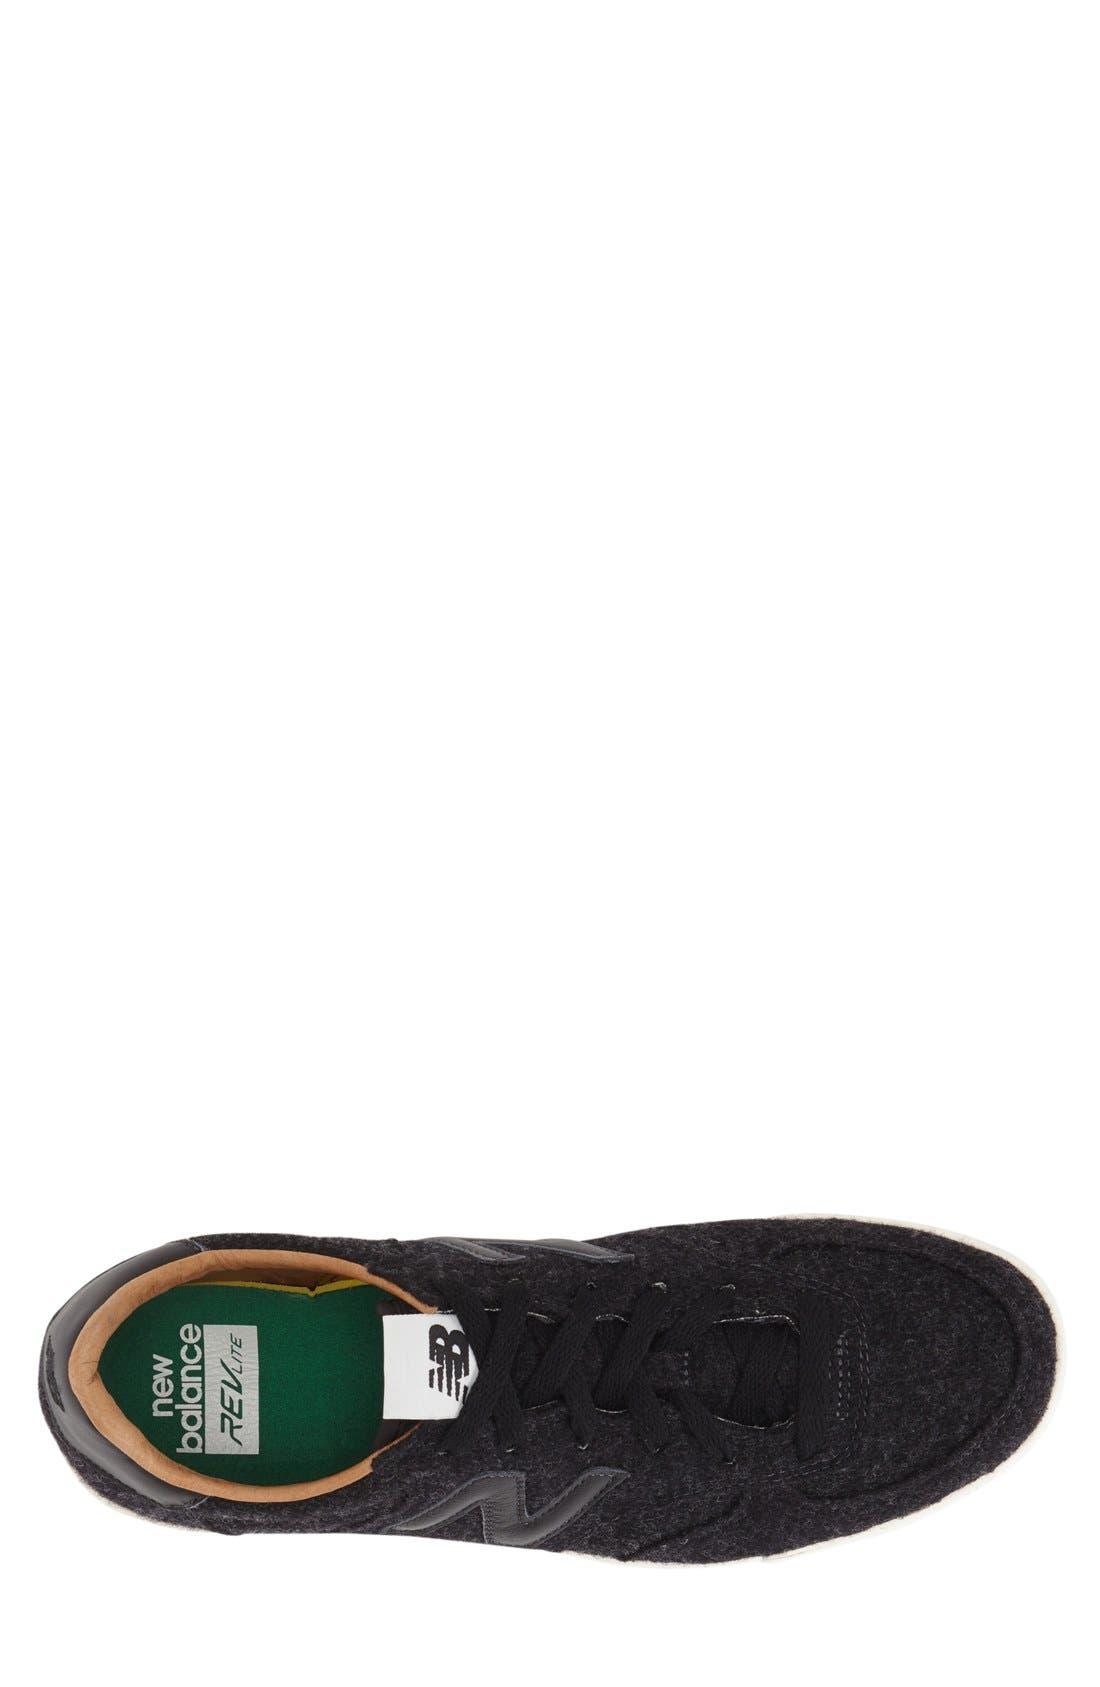 '300' Sneaker,                             Alternate thumbnail 4, color,                             001